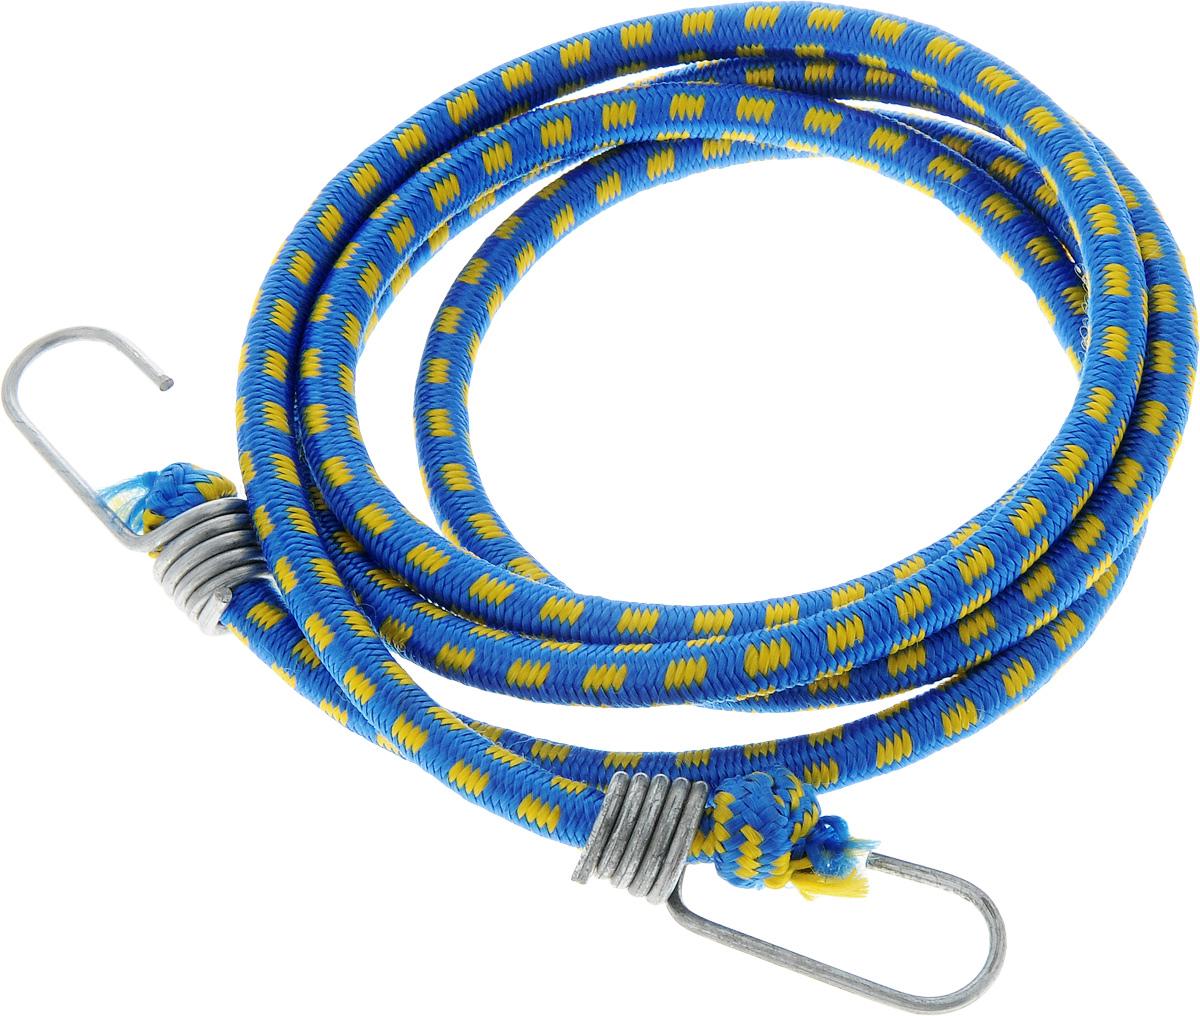 Резинка багажная МастерПроф, с крючками, цвет: синий, желтый, 1 х 190 смSATURN CANCARDБагажная резинка МастерПроф, выполненная из синтетического каучука, оснащена специальными металлическими крюками, которые обеспечивают прочное крепление и не допускают смещения груза во время его перевозки. Изделие применяется для закрепления предметов к багажнику. Такая резинка позволит зафиксировать как небольшой груз, так и довольно габаритный.Температура использования: -15°C до +50°C.Безопасное удлинение: 60%.Толщина резинки: 1 см.Длина резинки: 190 см.